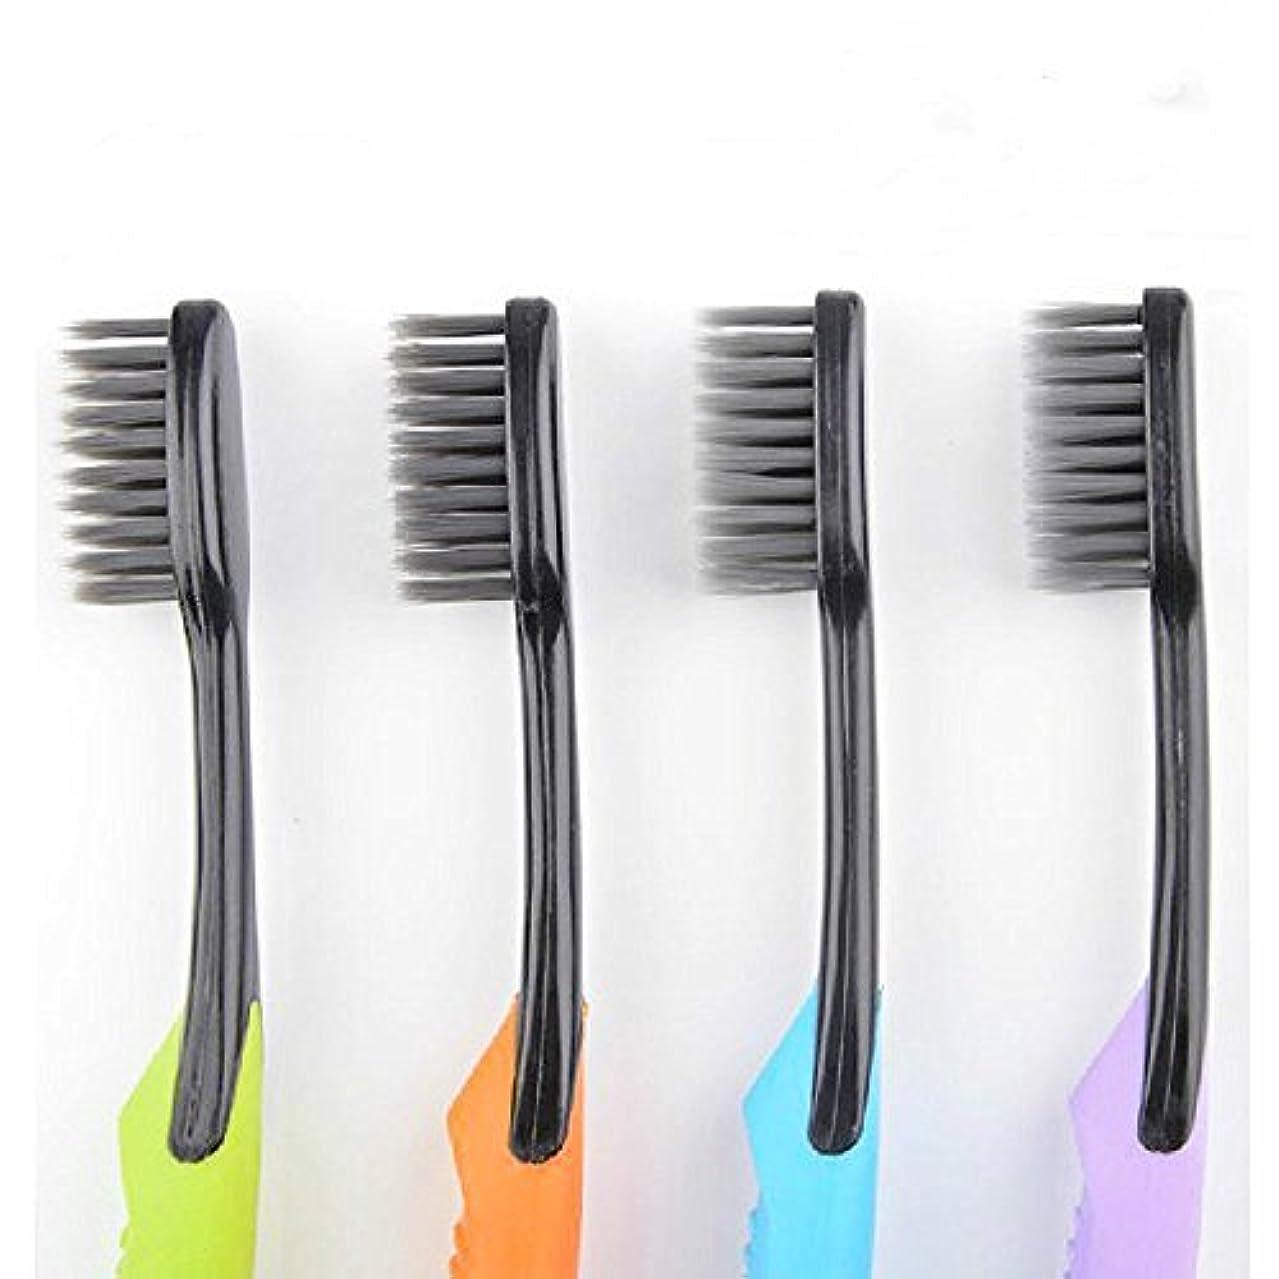 私達給料テナントCand Ultra Soft Adult Toothbrush, Bamboo Charcoal Bristle, Pack of 4 by Cand